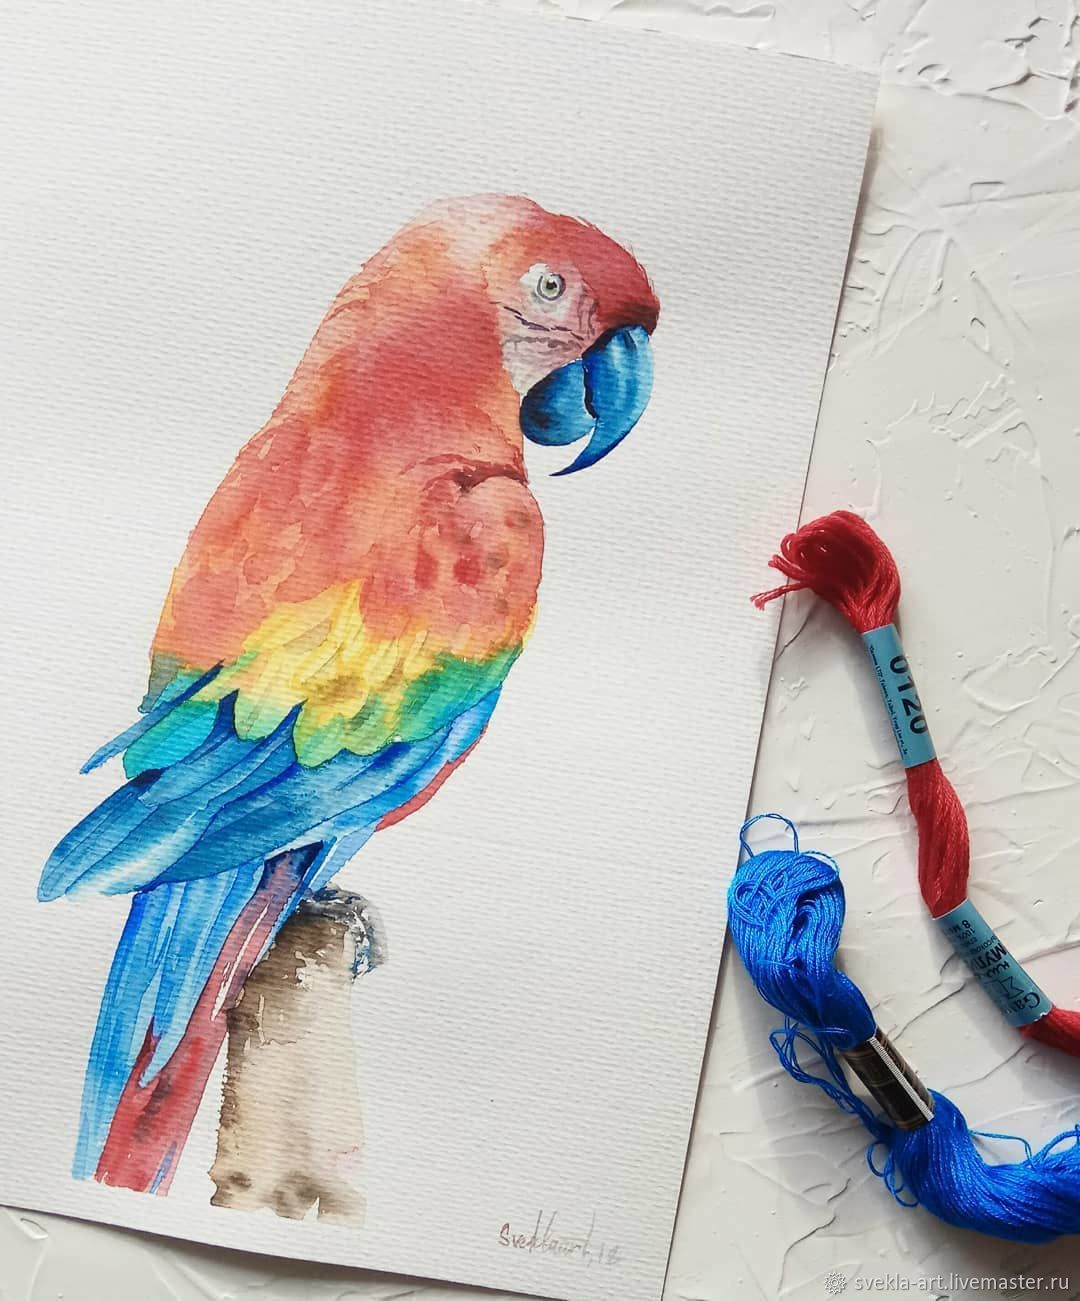 """Картина акварелью """"Попугай"""", Pictures, Kansk,  Фото №1"""